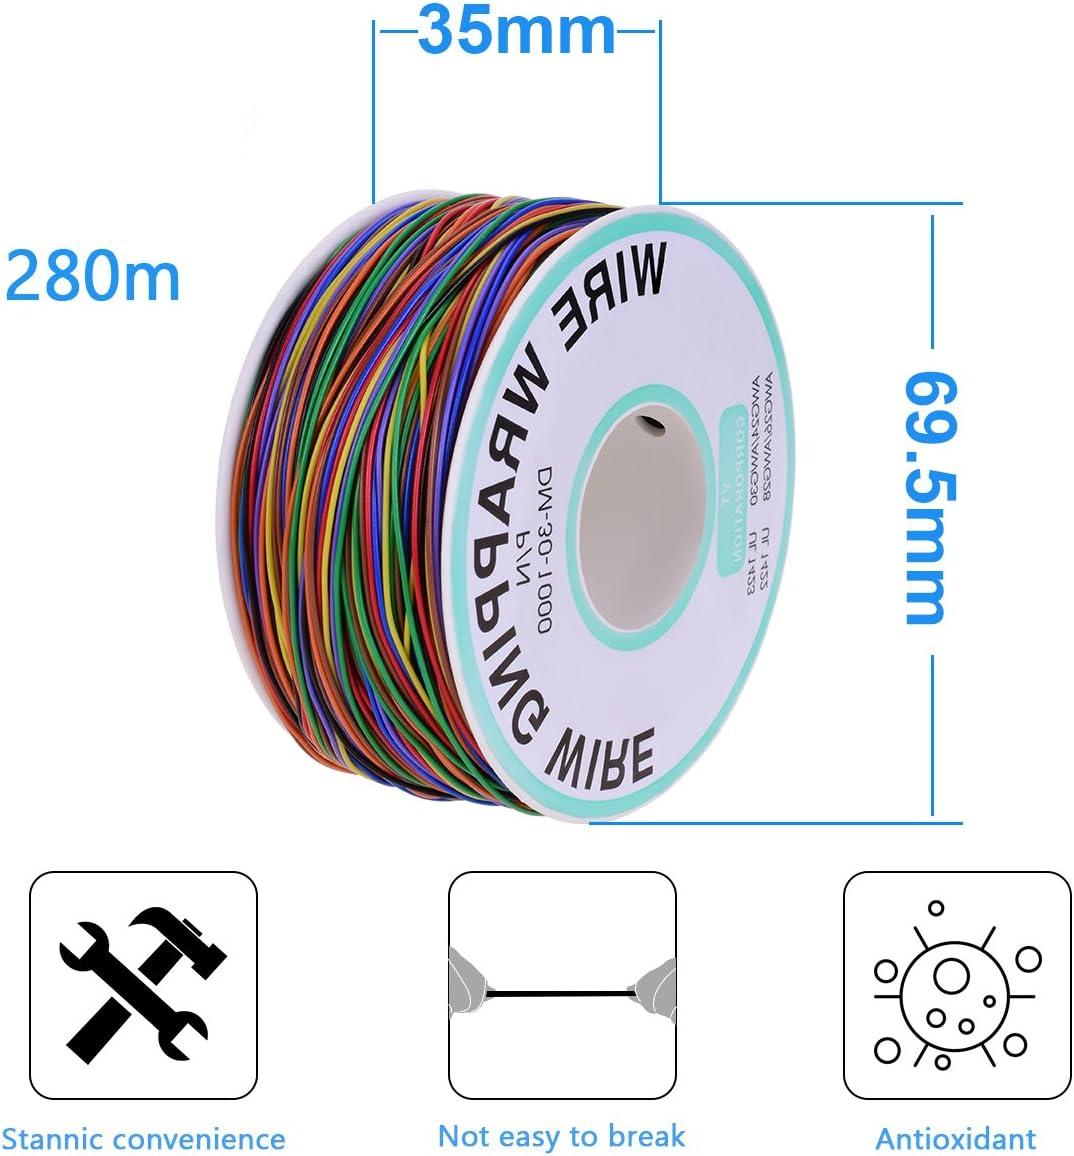 YoungRich 8 Couleur C/âble Electrique de Cuivre Etam/é Isolant en PVC 30AWG Fil /Électrique Cuivre Solide avec 280m Longueur pour Le Test Electronique de Carte M/ère Dordinateur Portable